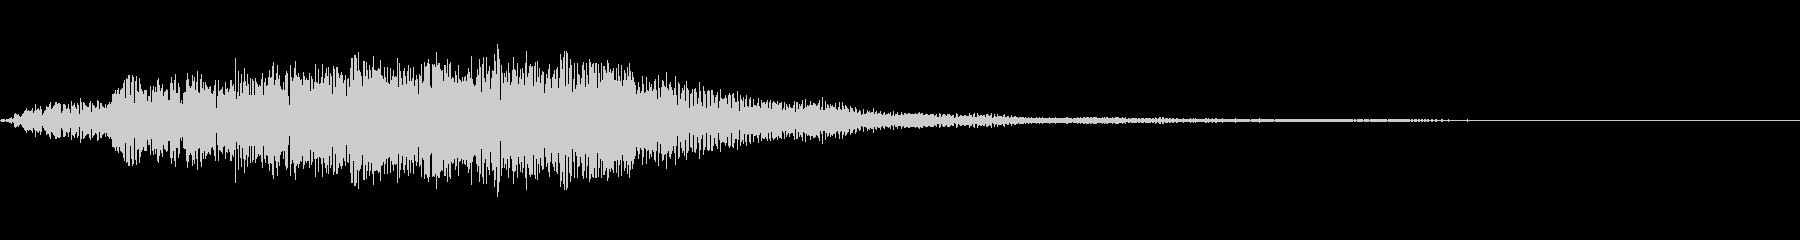 ハープ:カスケードグリスアクセント...の未再生の波形